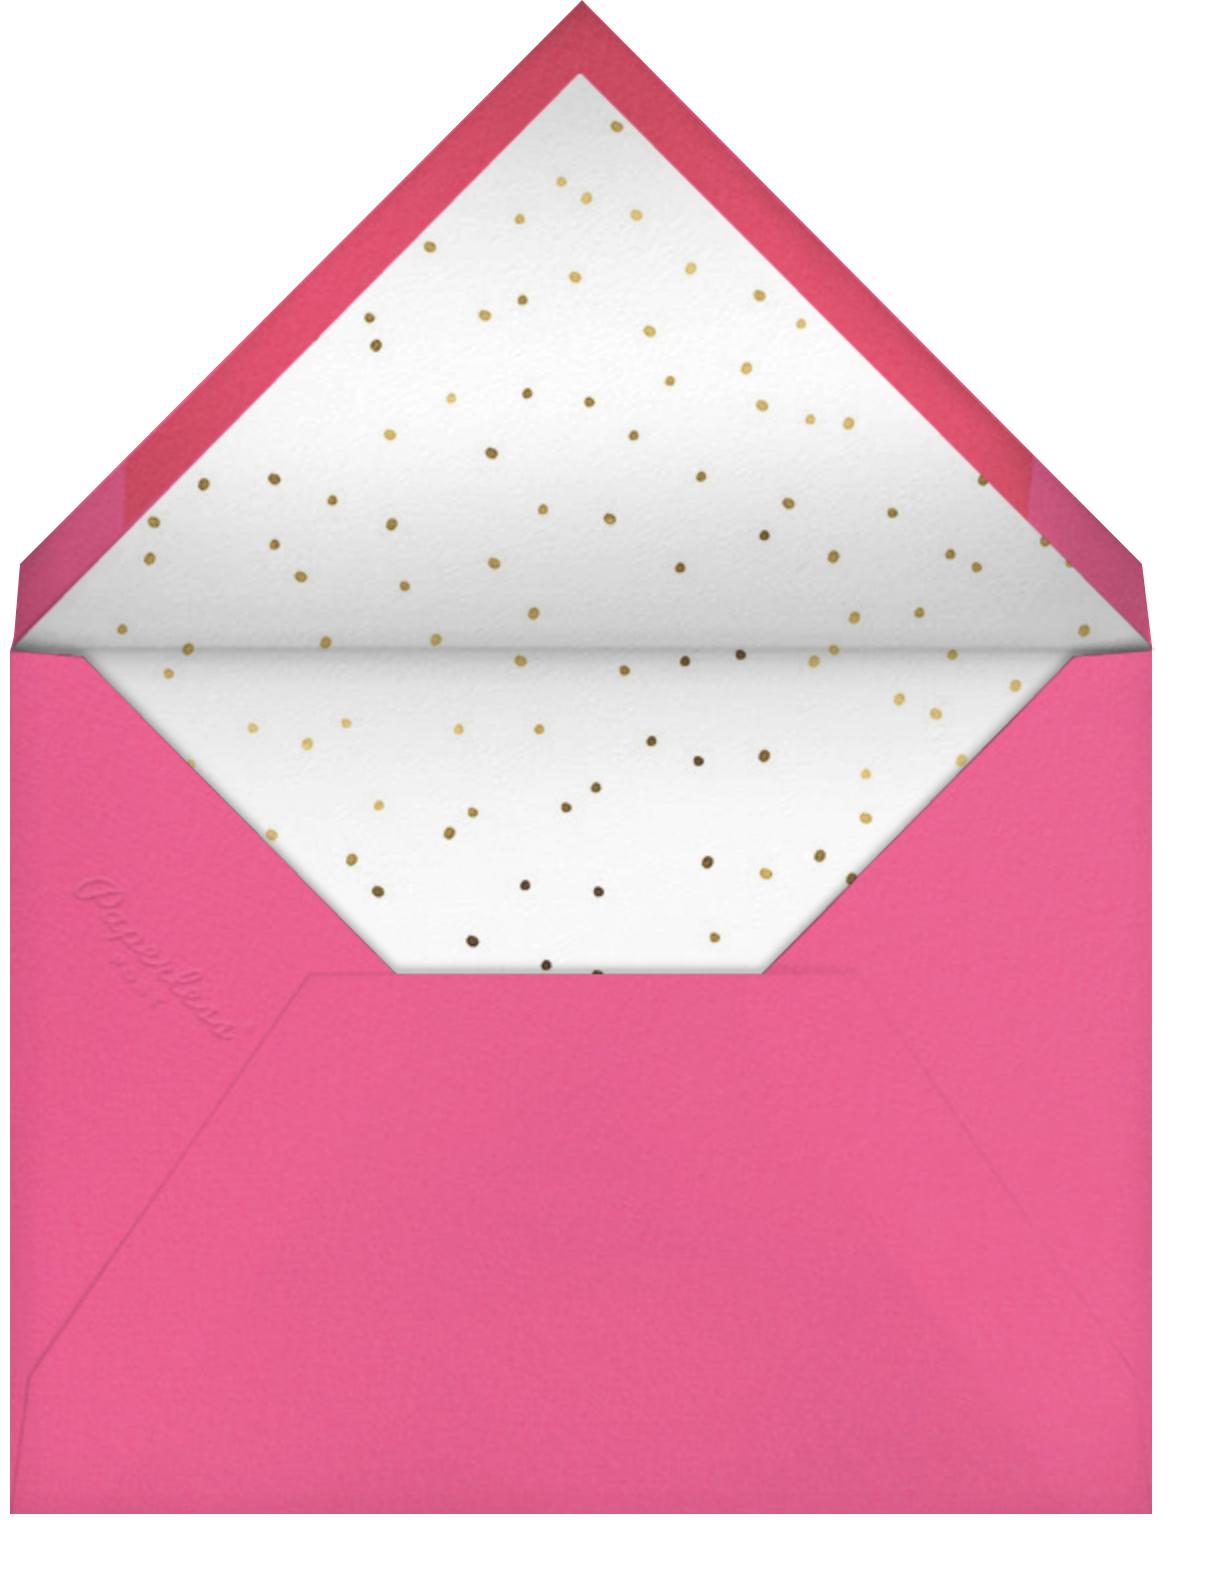 Blooming Chandelier - Meri Meri - Kids' birthday - envelope back